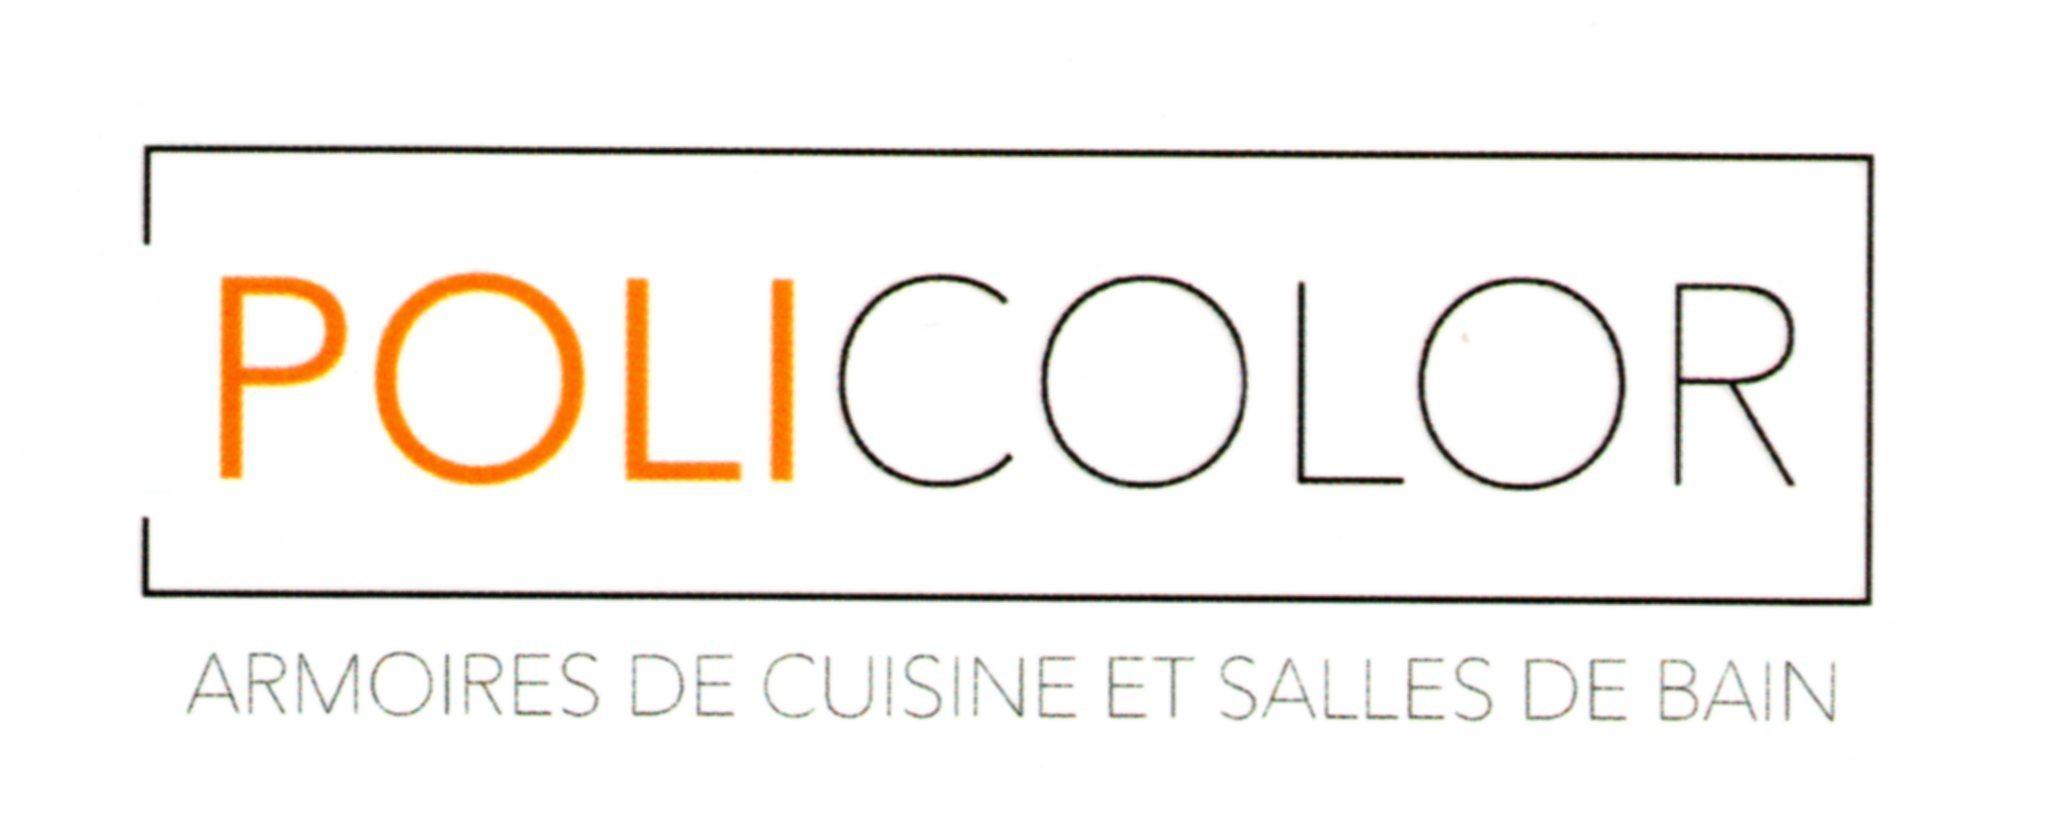 Logo policolor094 5pt0ngm